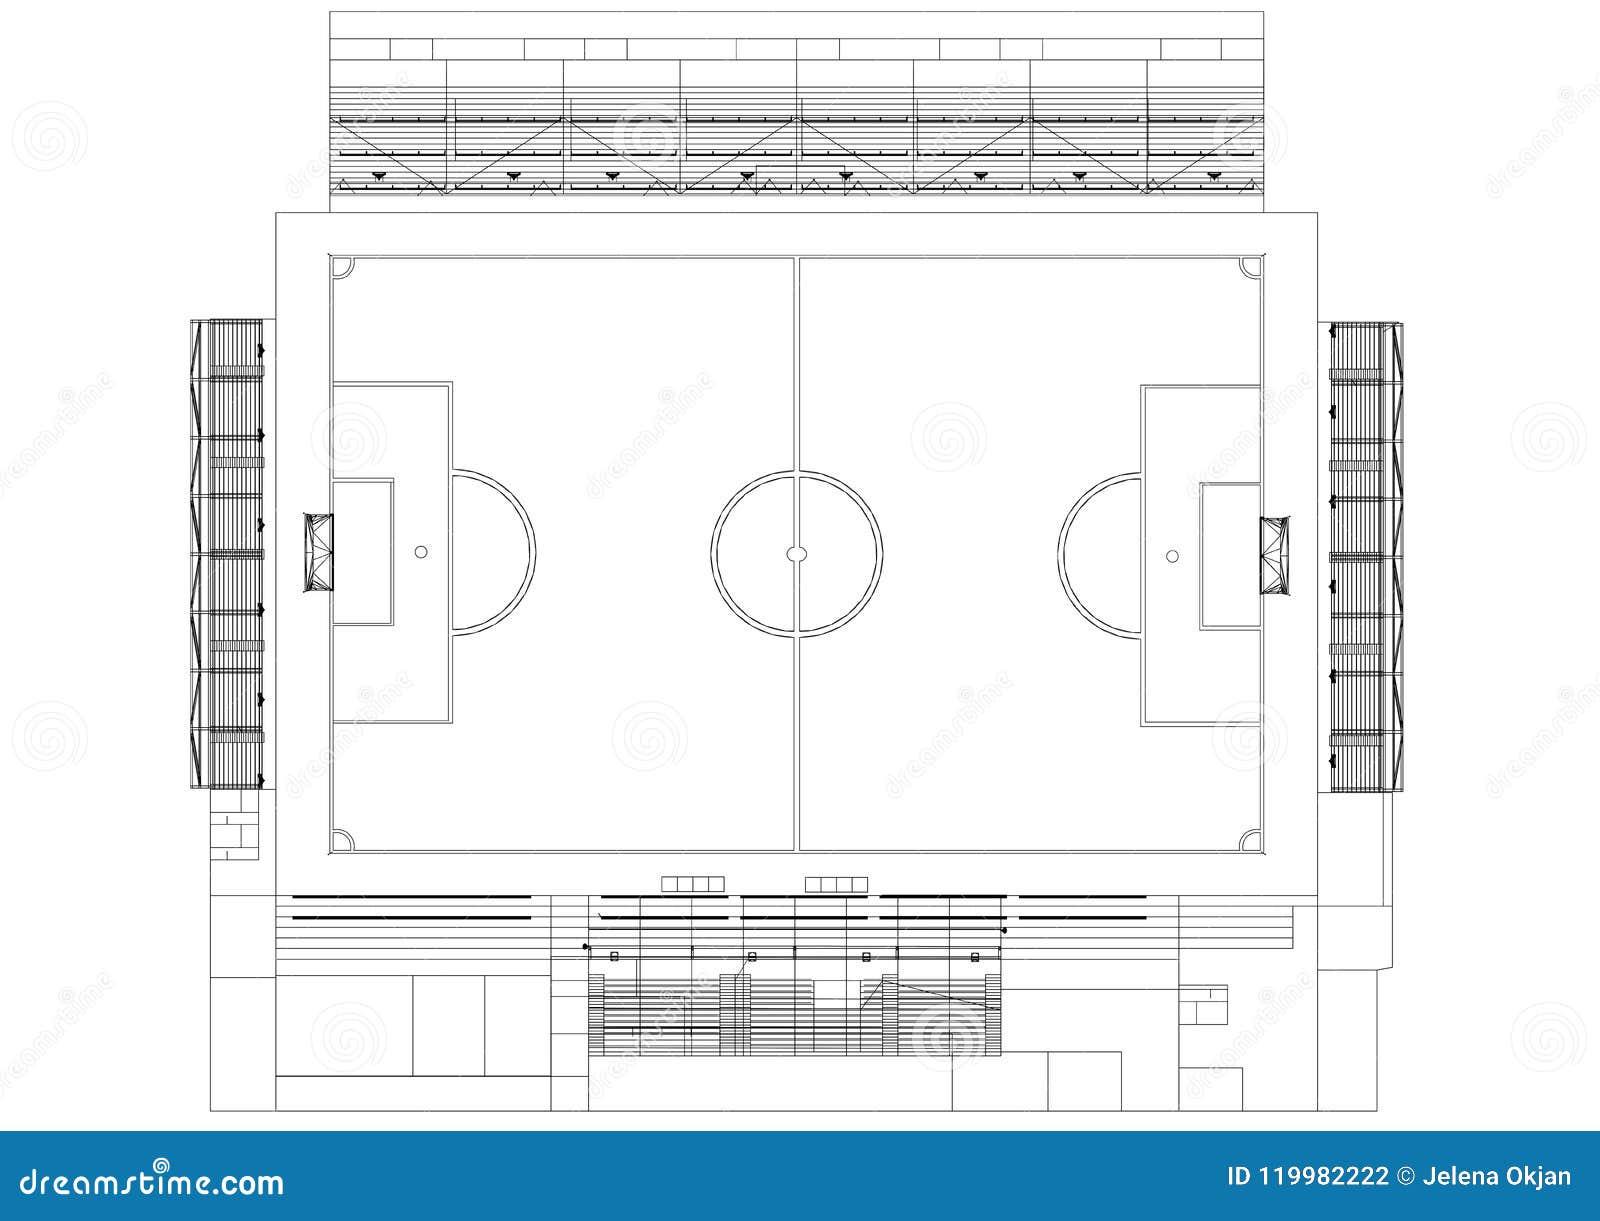 football field architect blueprint isolated stock illustration